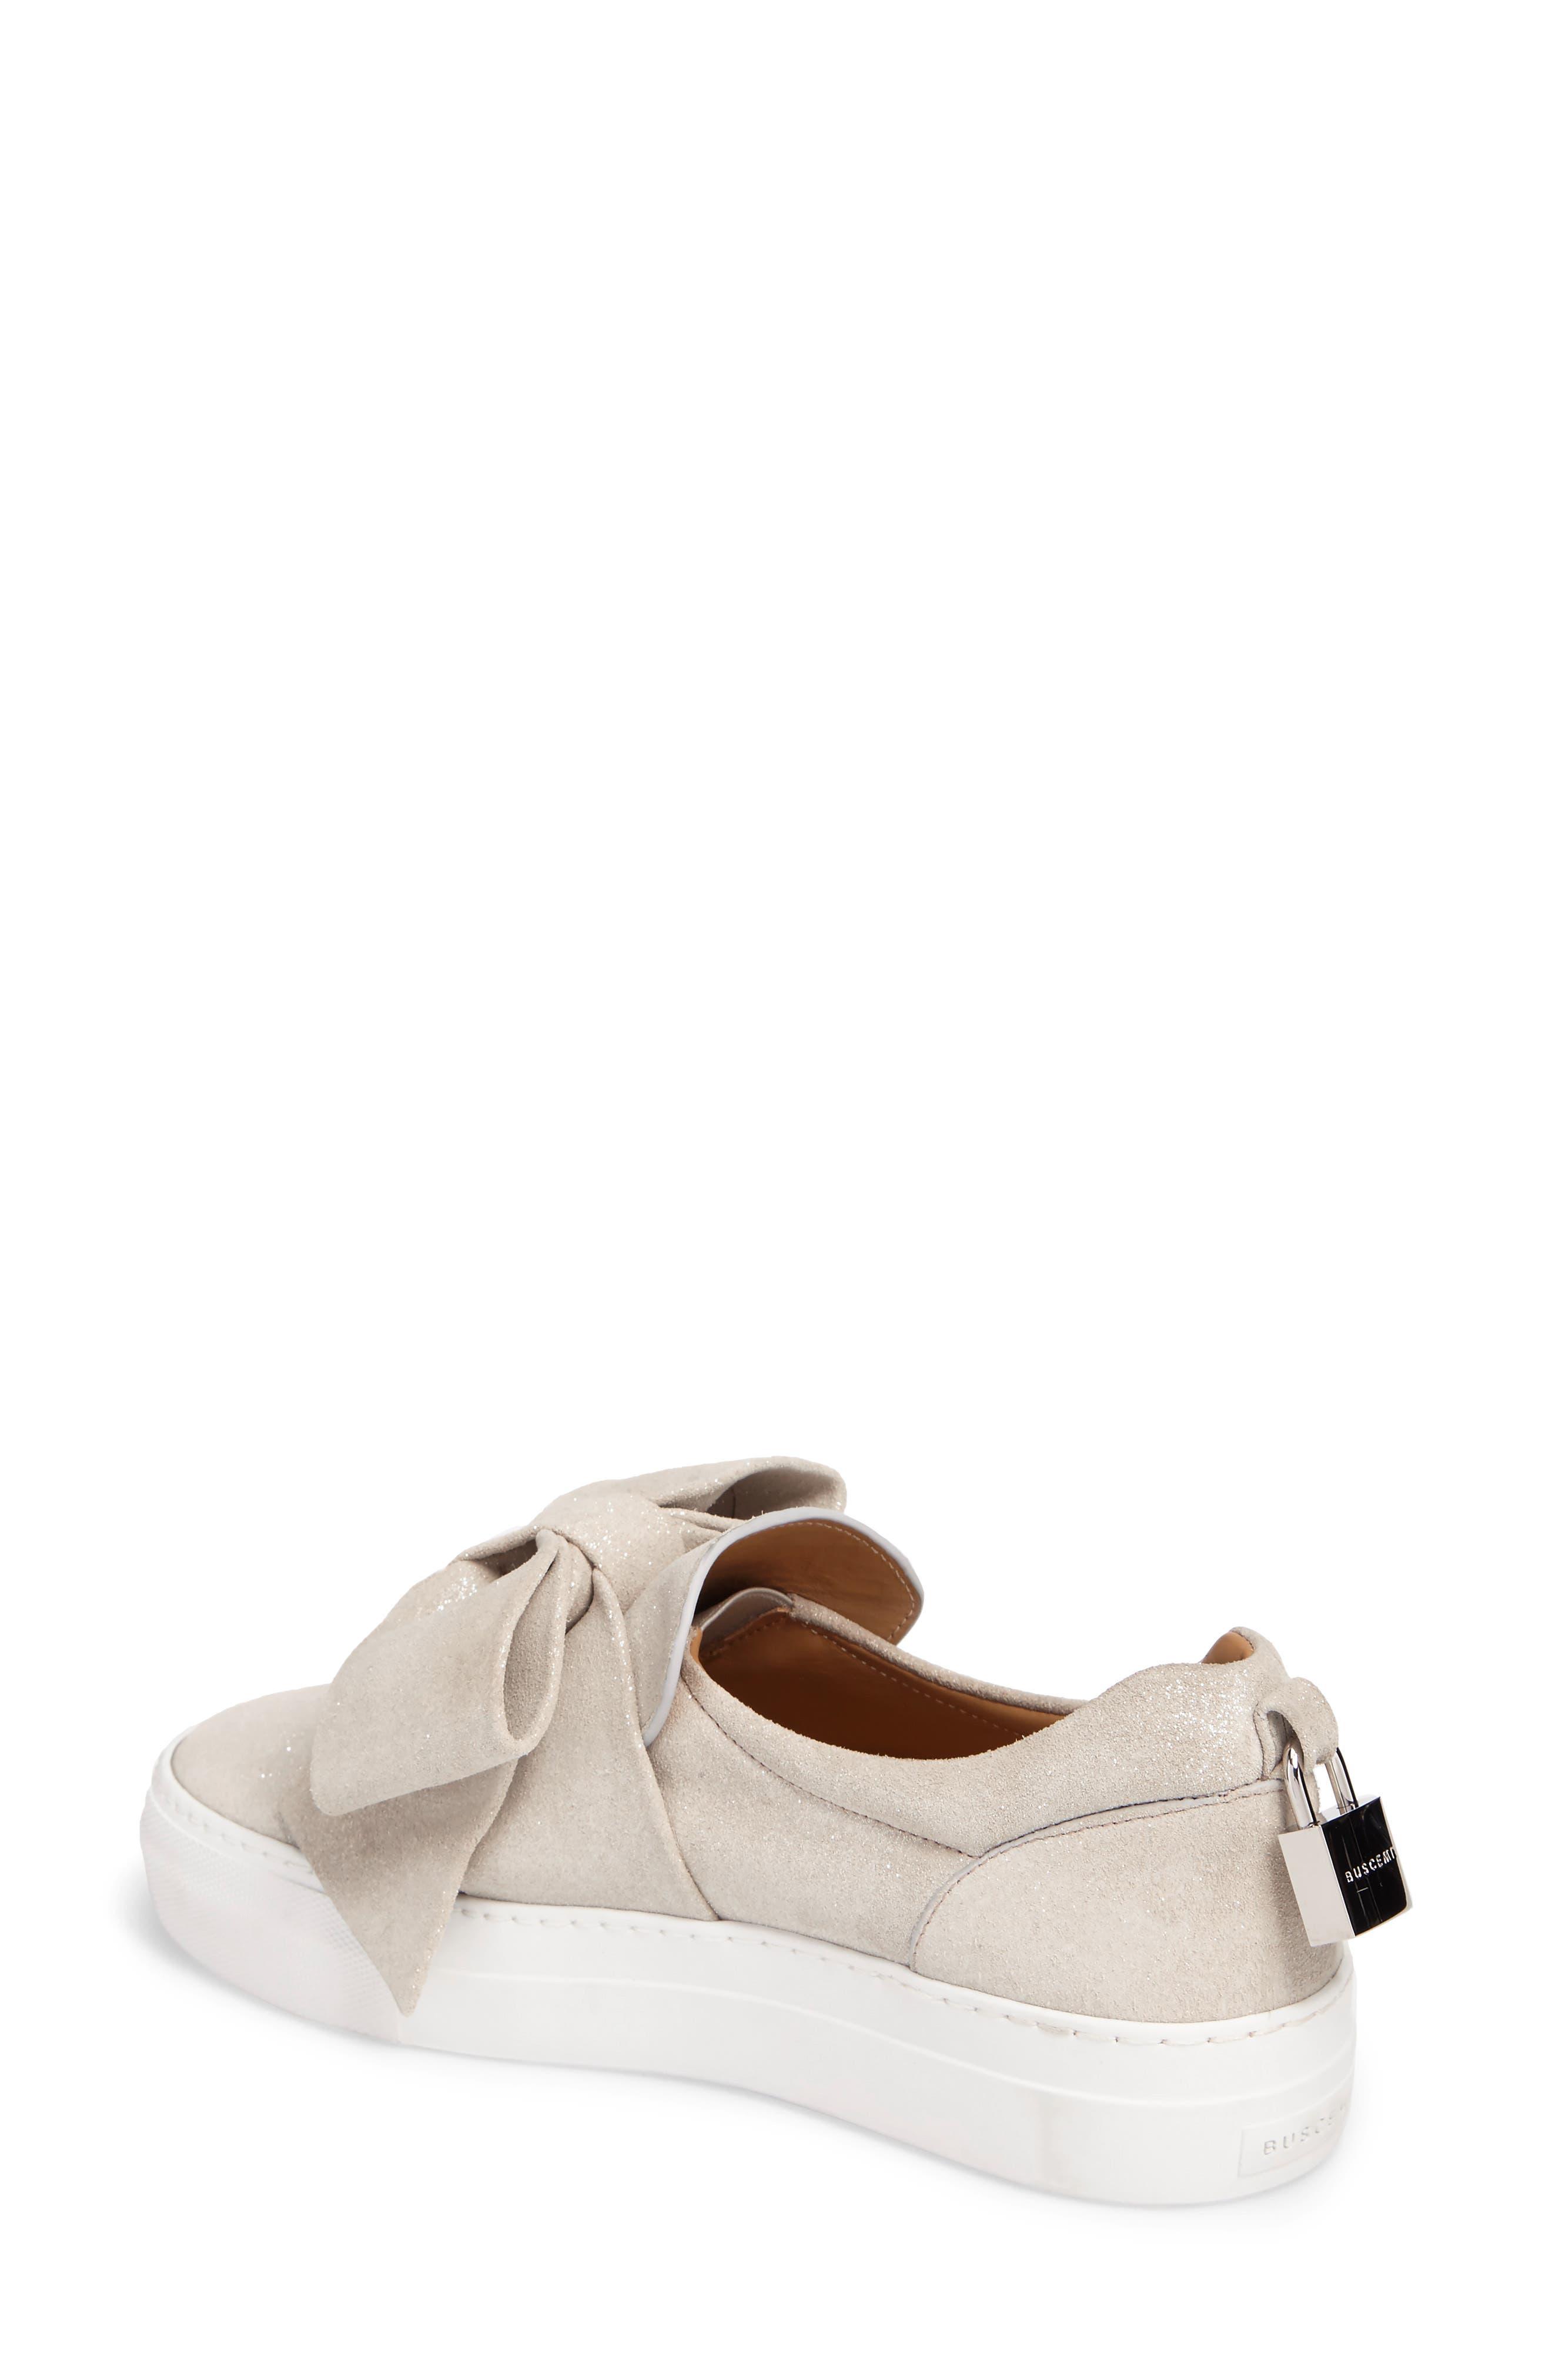 Bow Slip-On Sneaker,                             Alternate thumbnail 2, color,                             Gleam Grey